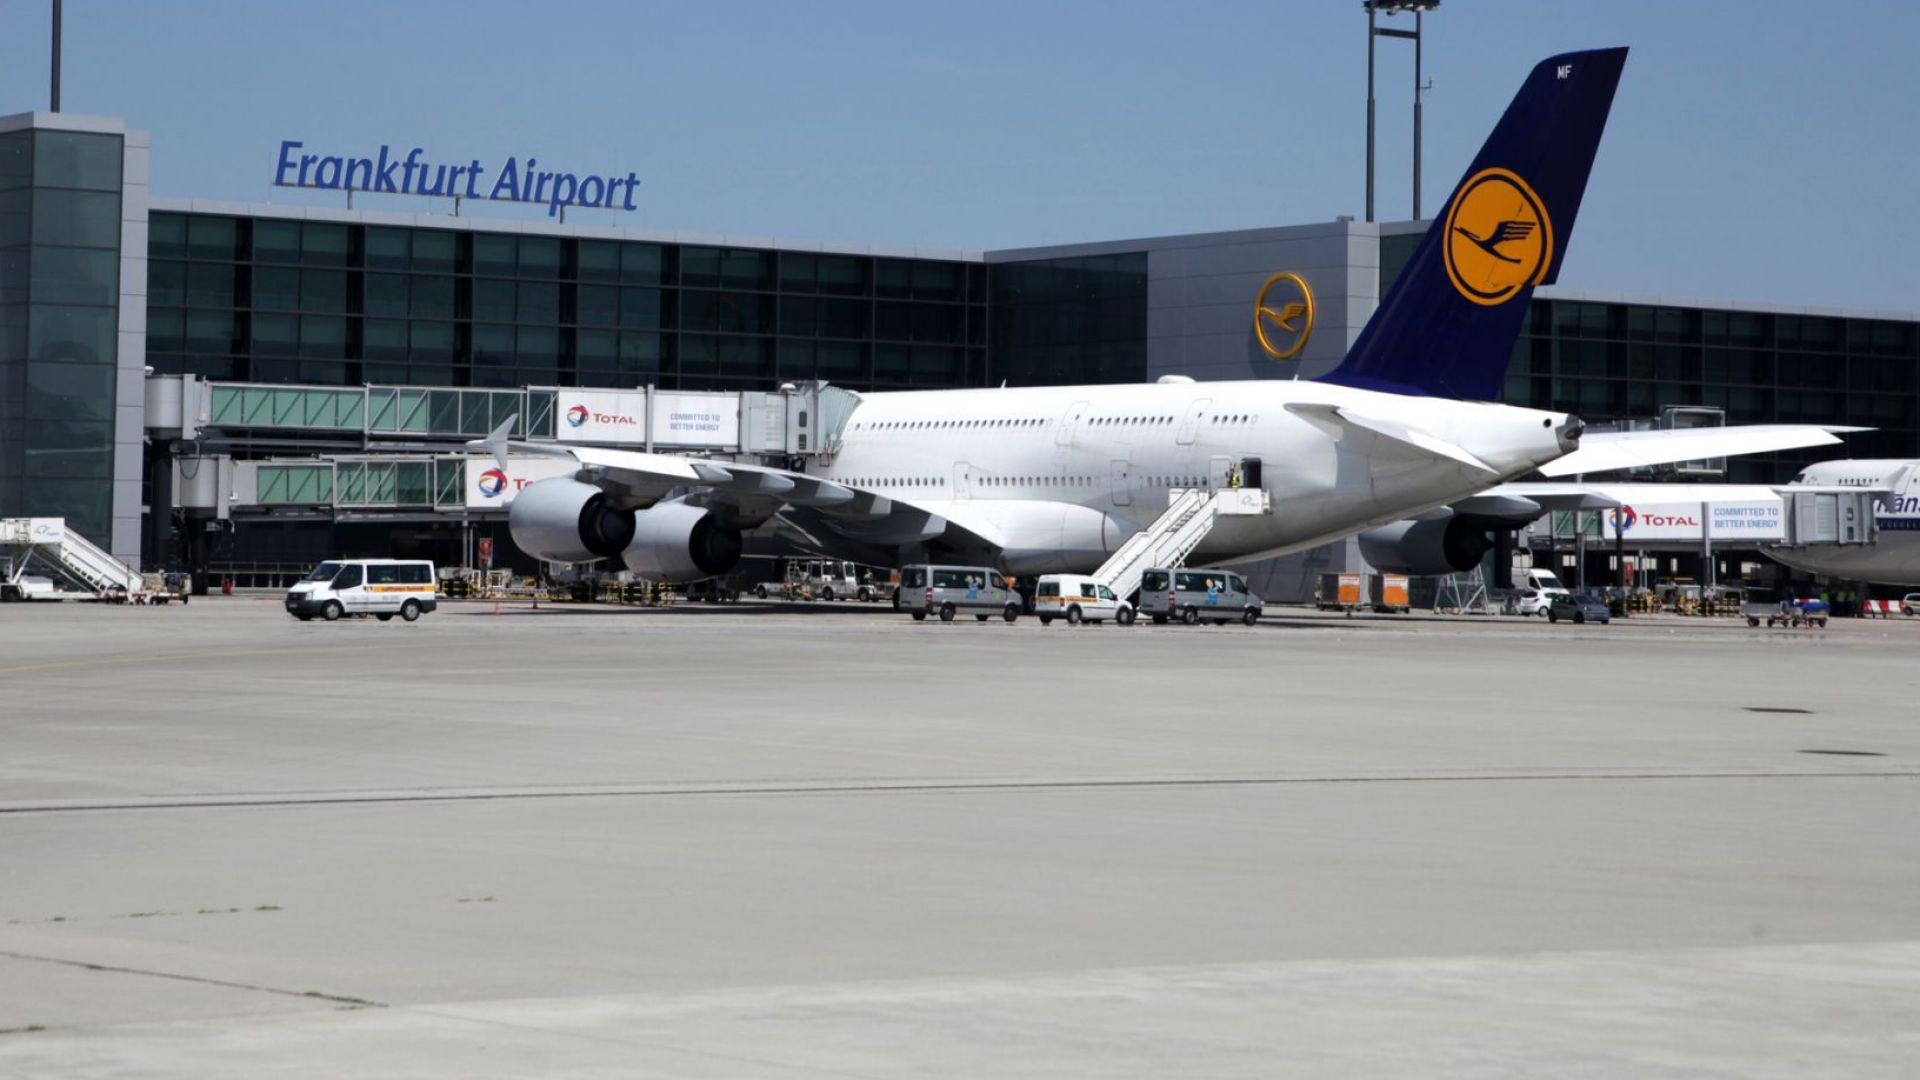 Германия започва масово тестване за коронавирус по летищата